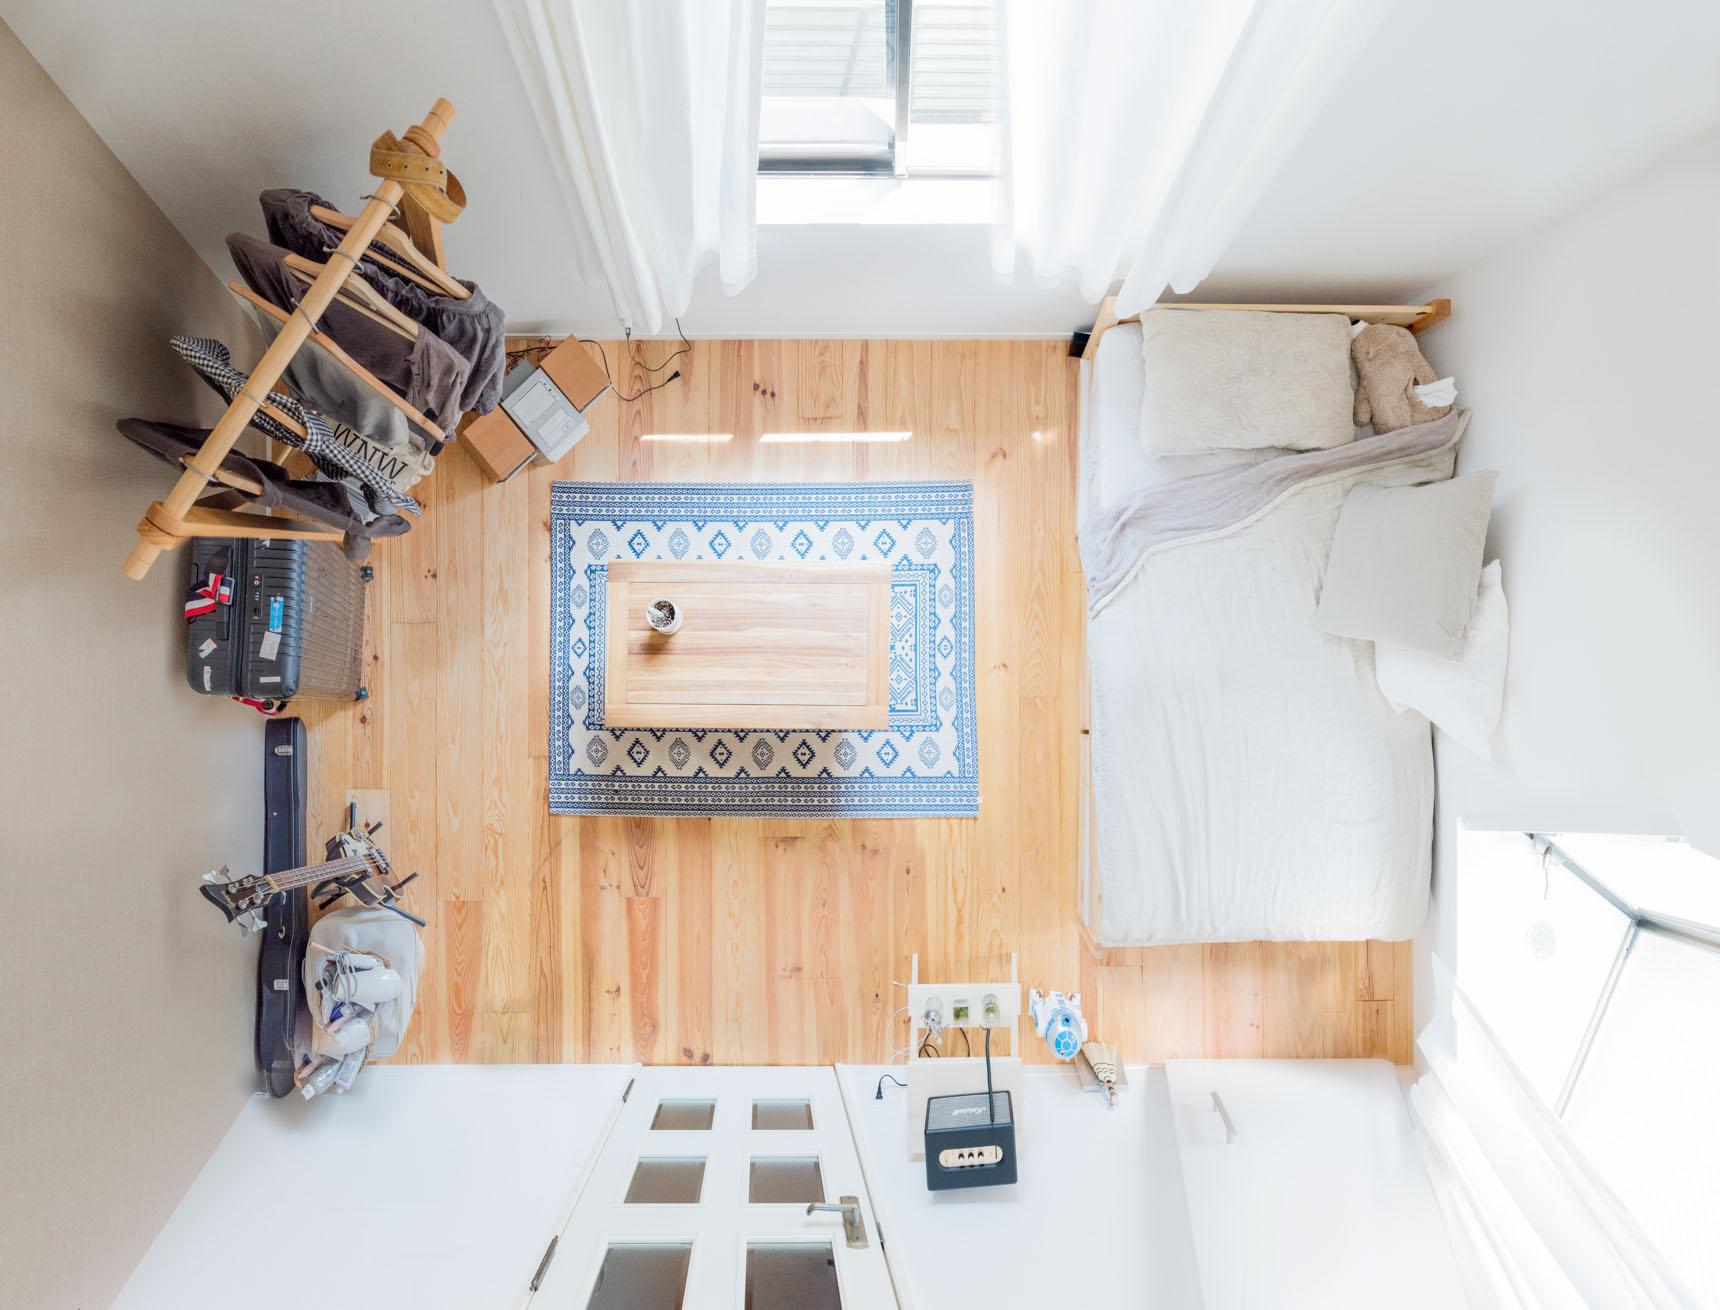 アクセントクロスと、寝具の色は淡いベージュグレー。カーペットにトーンが似通ったブルーも足されていますね。